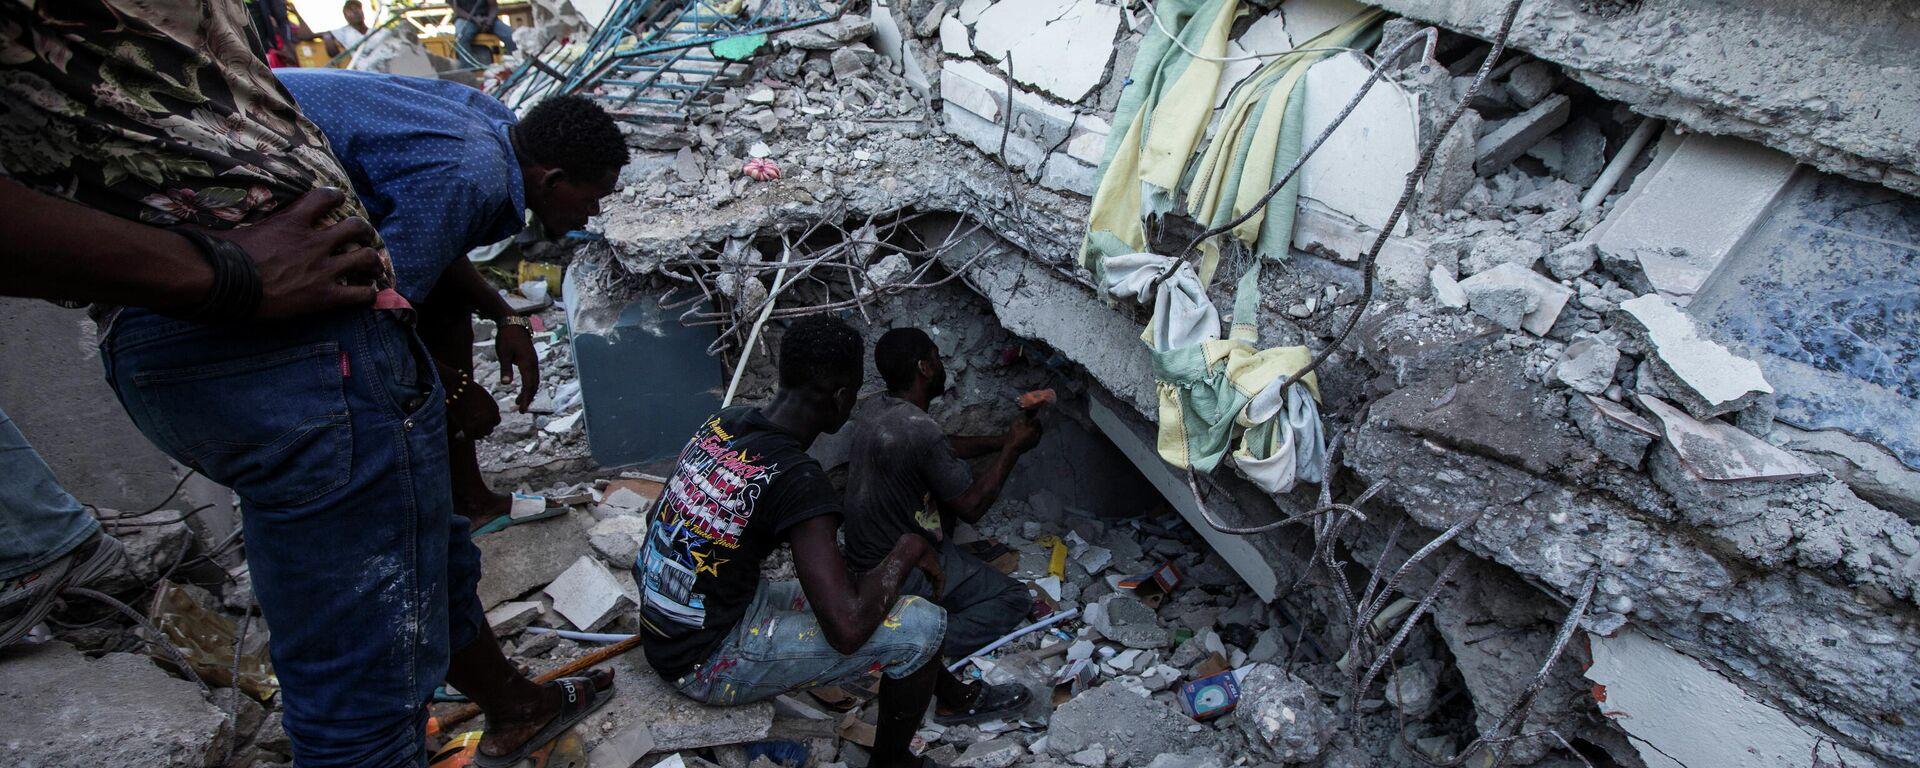 Consecuencias del terremoto en Haití - Sputnik Mundo, 1920, 25.08.2021